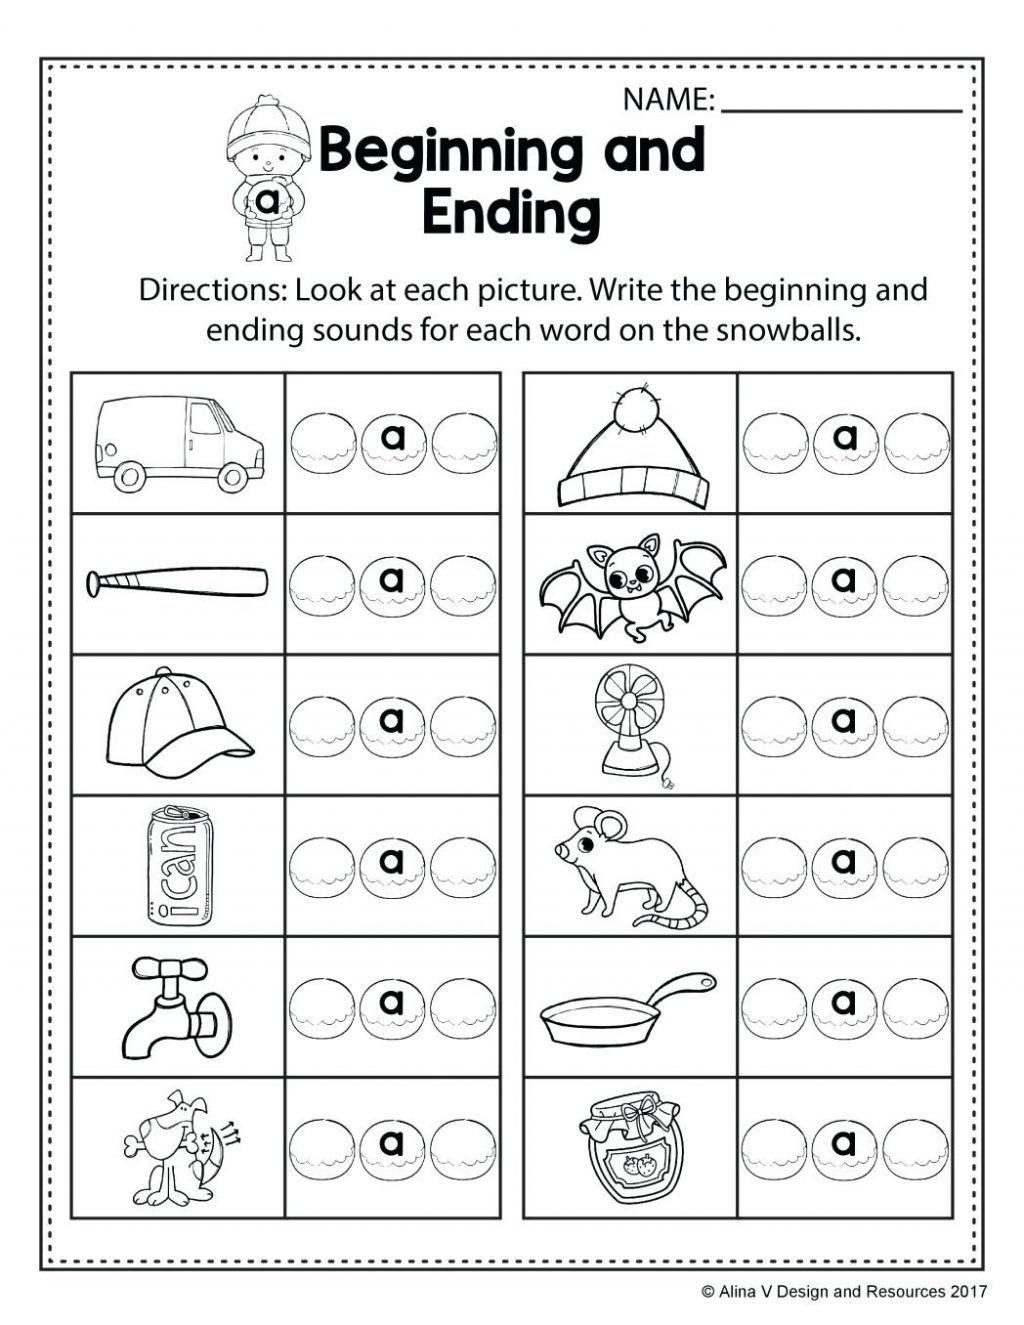 Worksheet Ideas Marvelous Pre Handwriting Worksheets